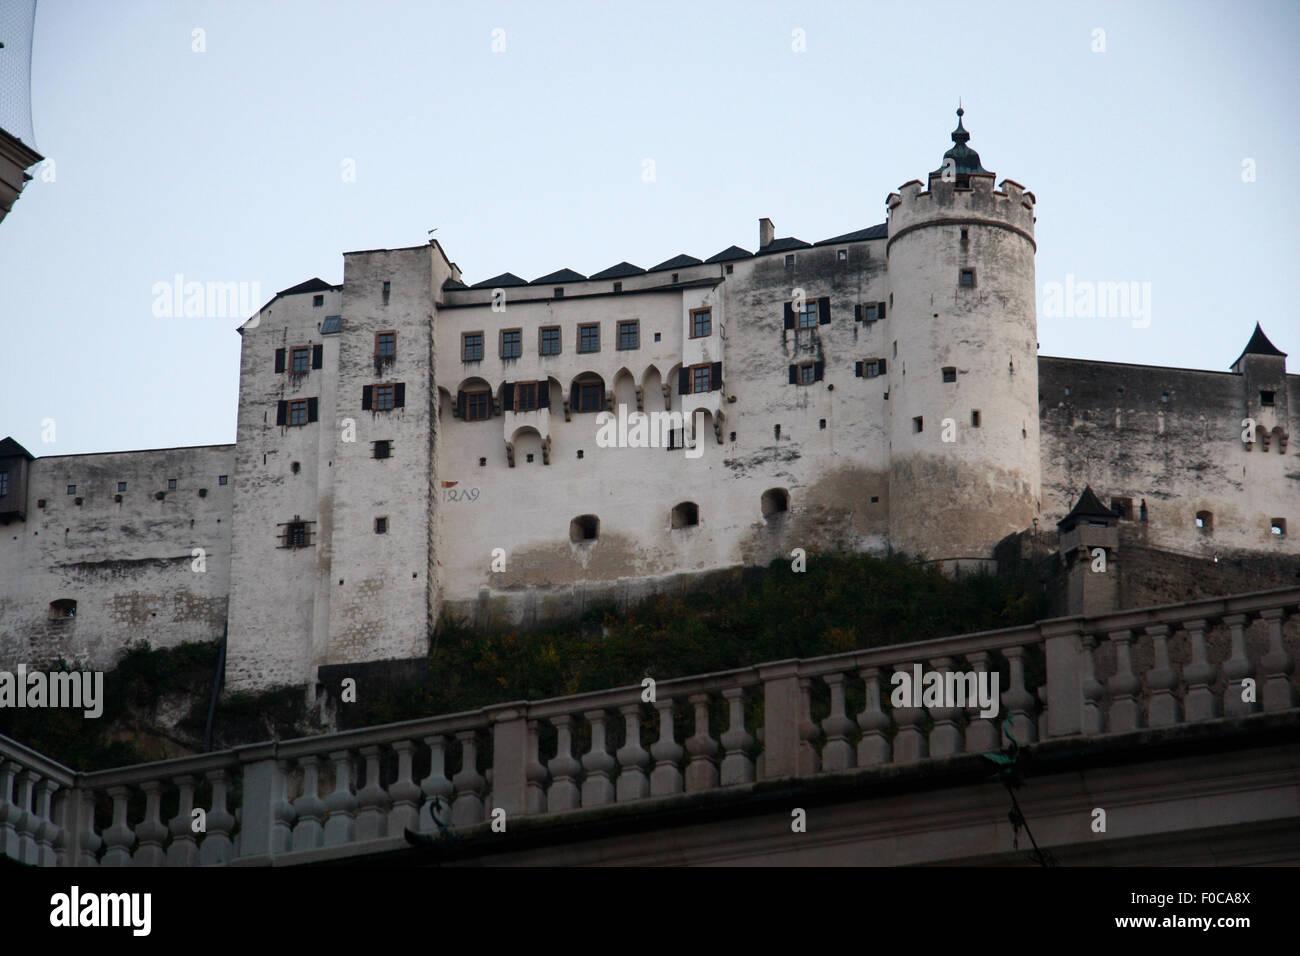 Festung Hohensalzburg, Salzburg, Oesterreich. Stockbild